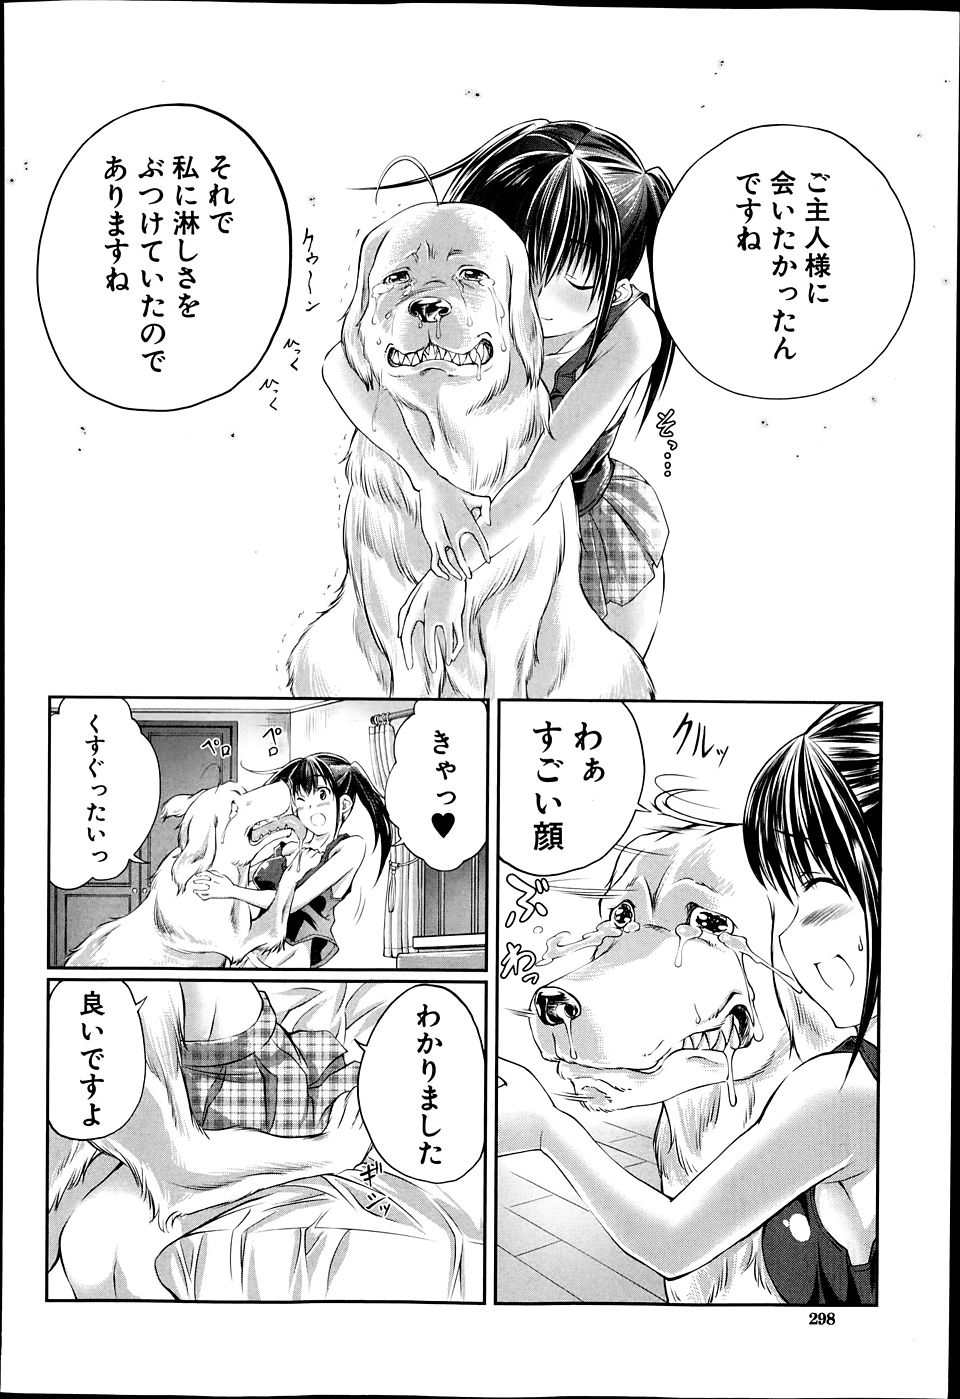 【エロ漫画・エロ同人】何でも屋の巨乳娘が仕事で犬の世話してたらレイプされてるwww (14)